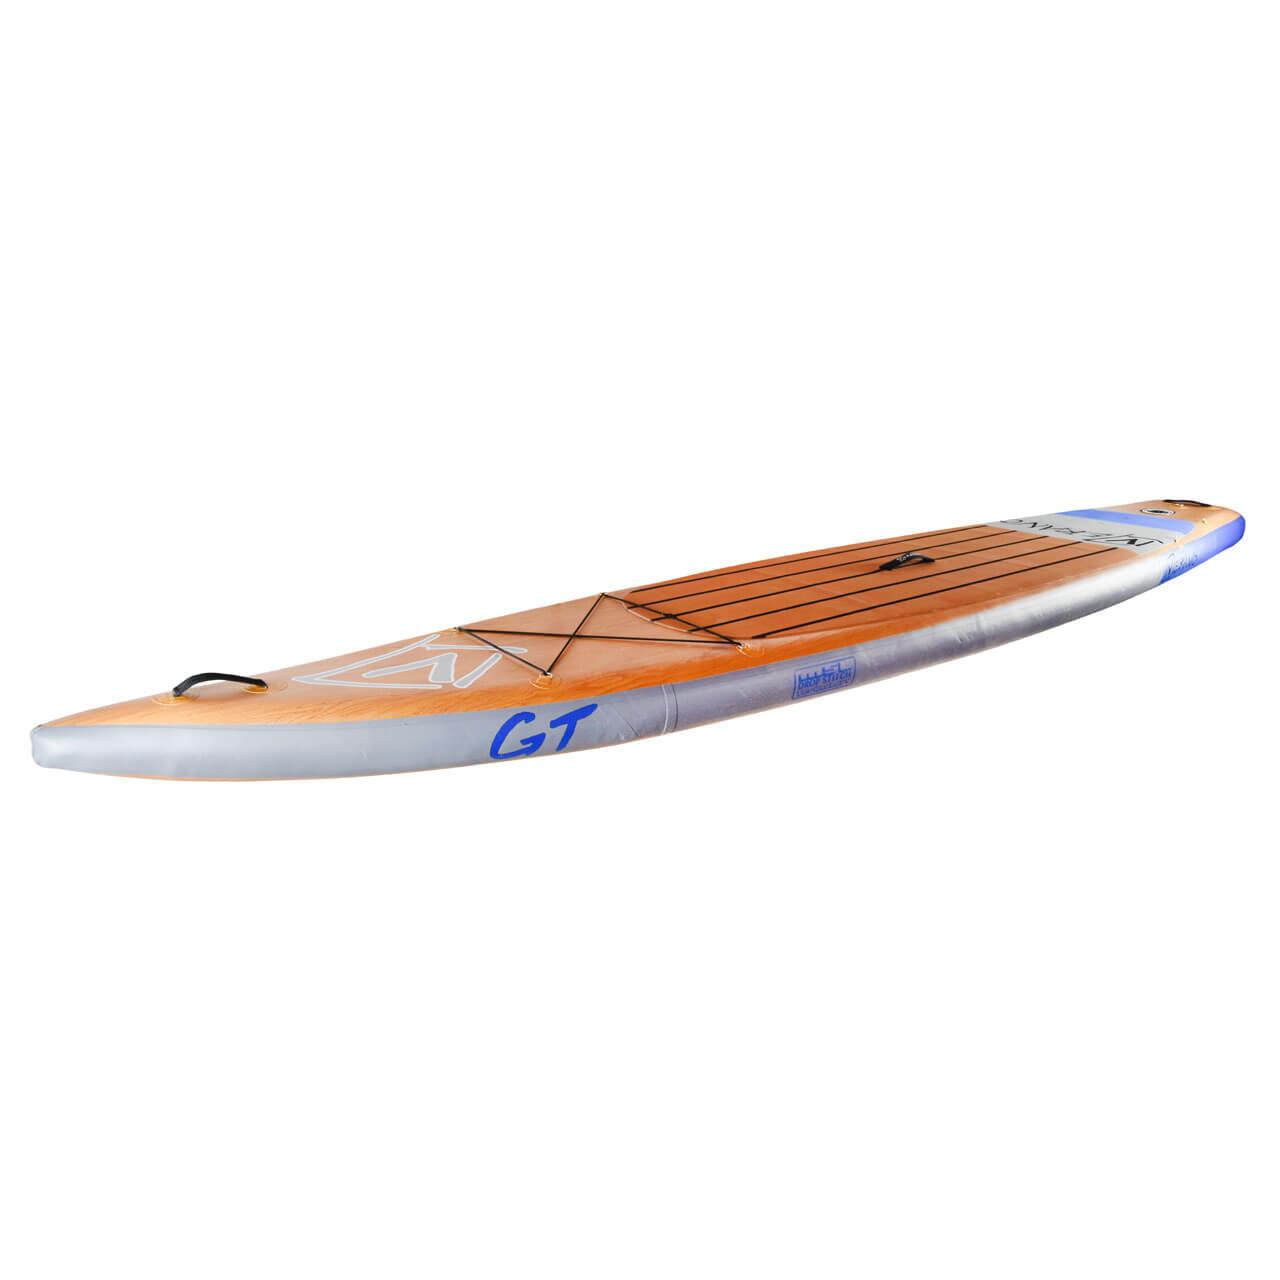 Verano SUP 13.3 GT - Paddle Board